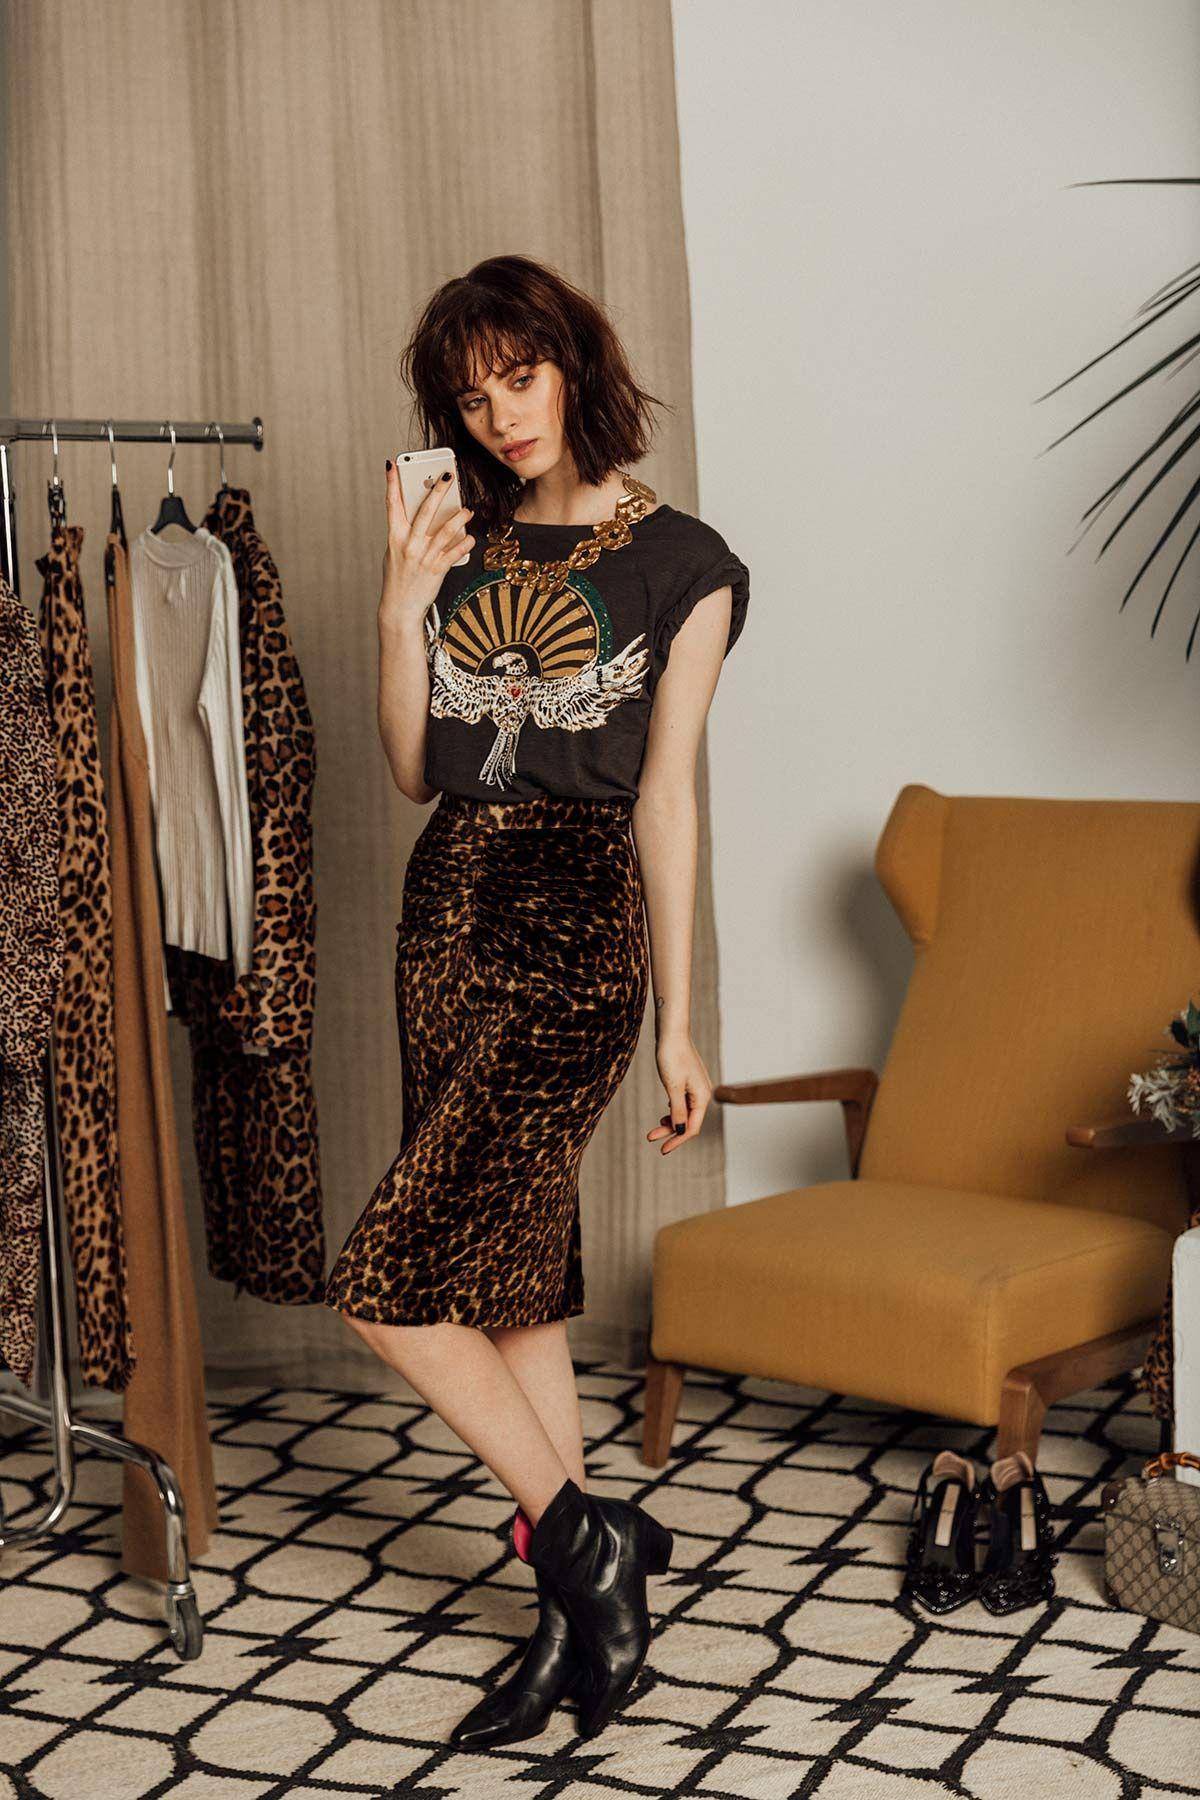 8 formas de combinar el estampado de leopardo  en una falda midi con un  look rockero. © Fotografía  Icíar J. Carrasco. Realización  Ana Casasnovas. 451ee32424a3